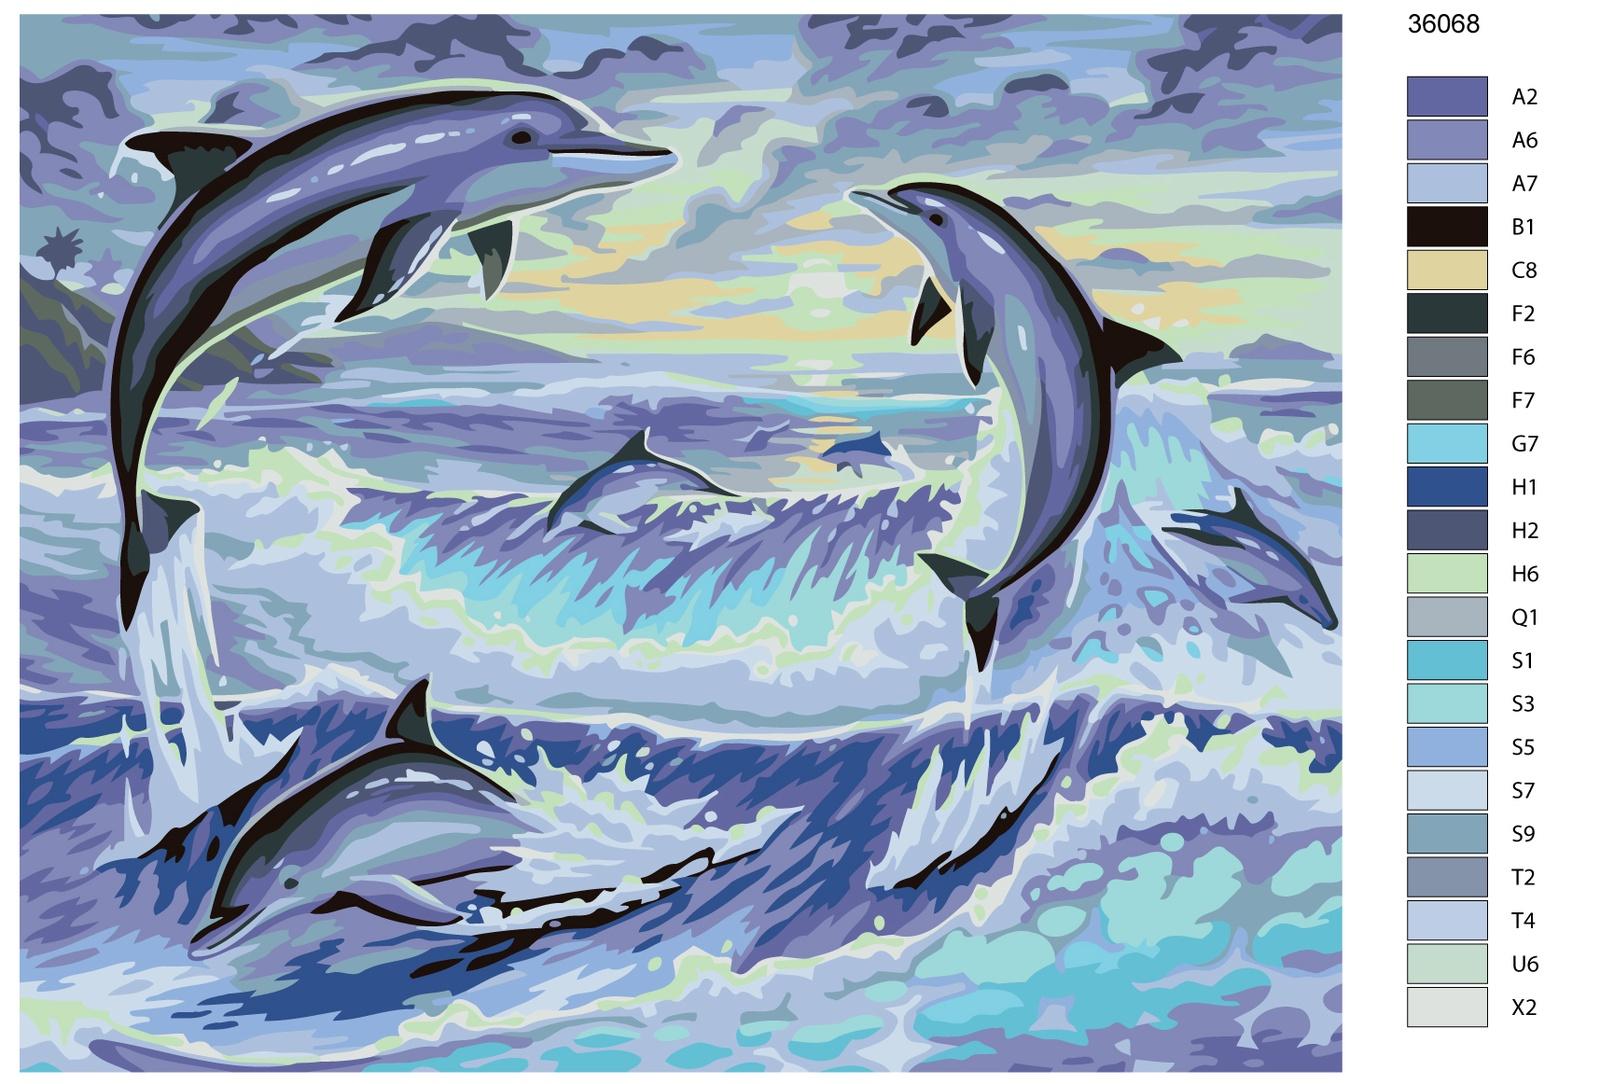 Картина по номерам, 40 x 50 см, KTMK-36068